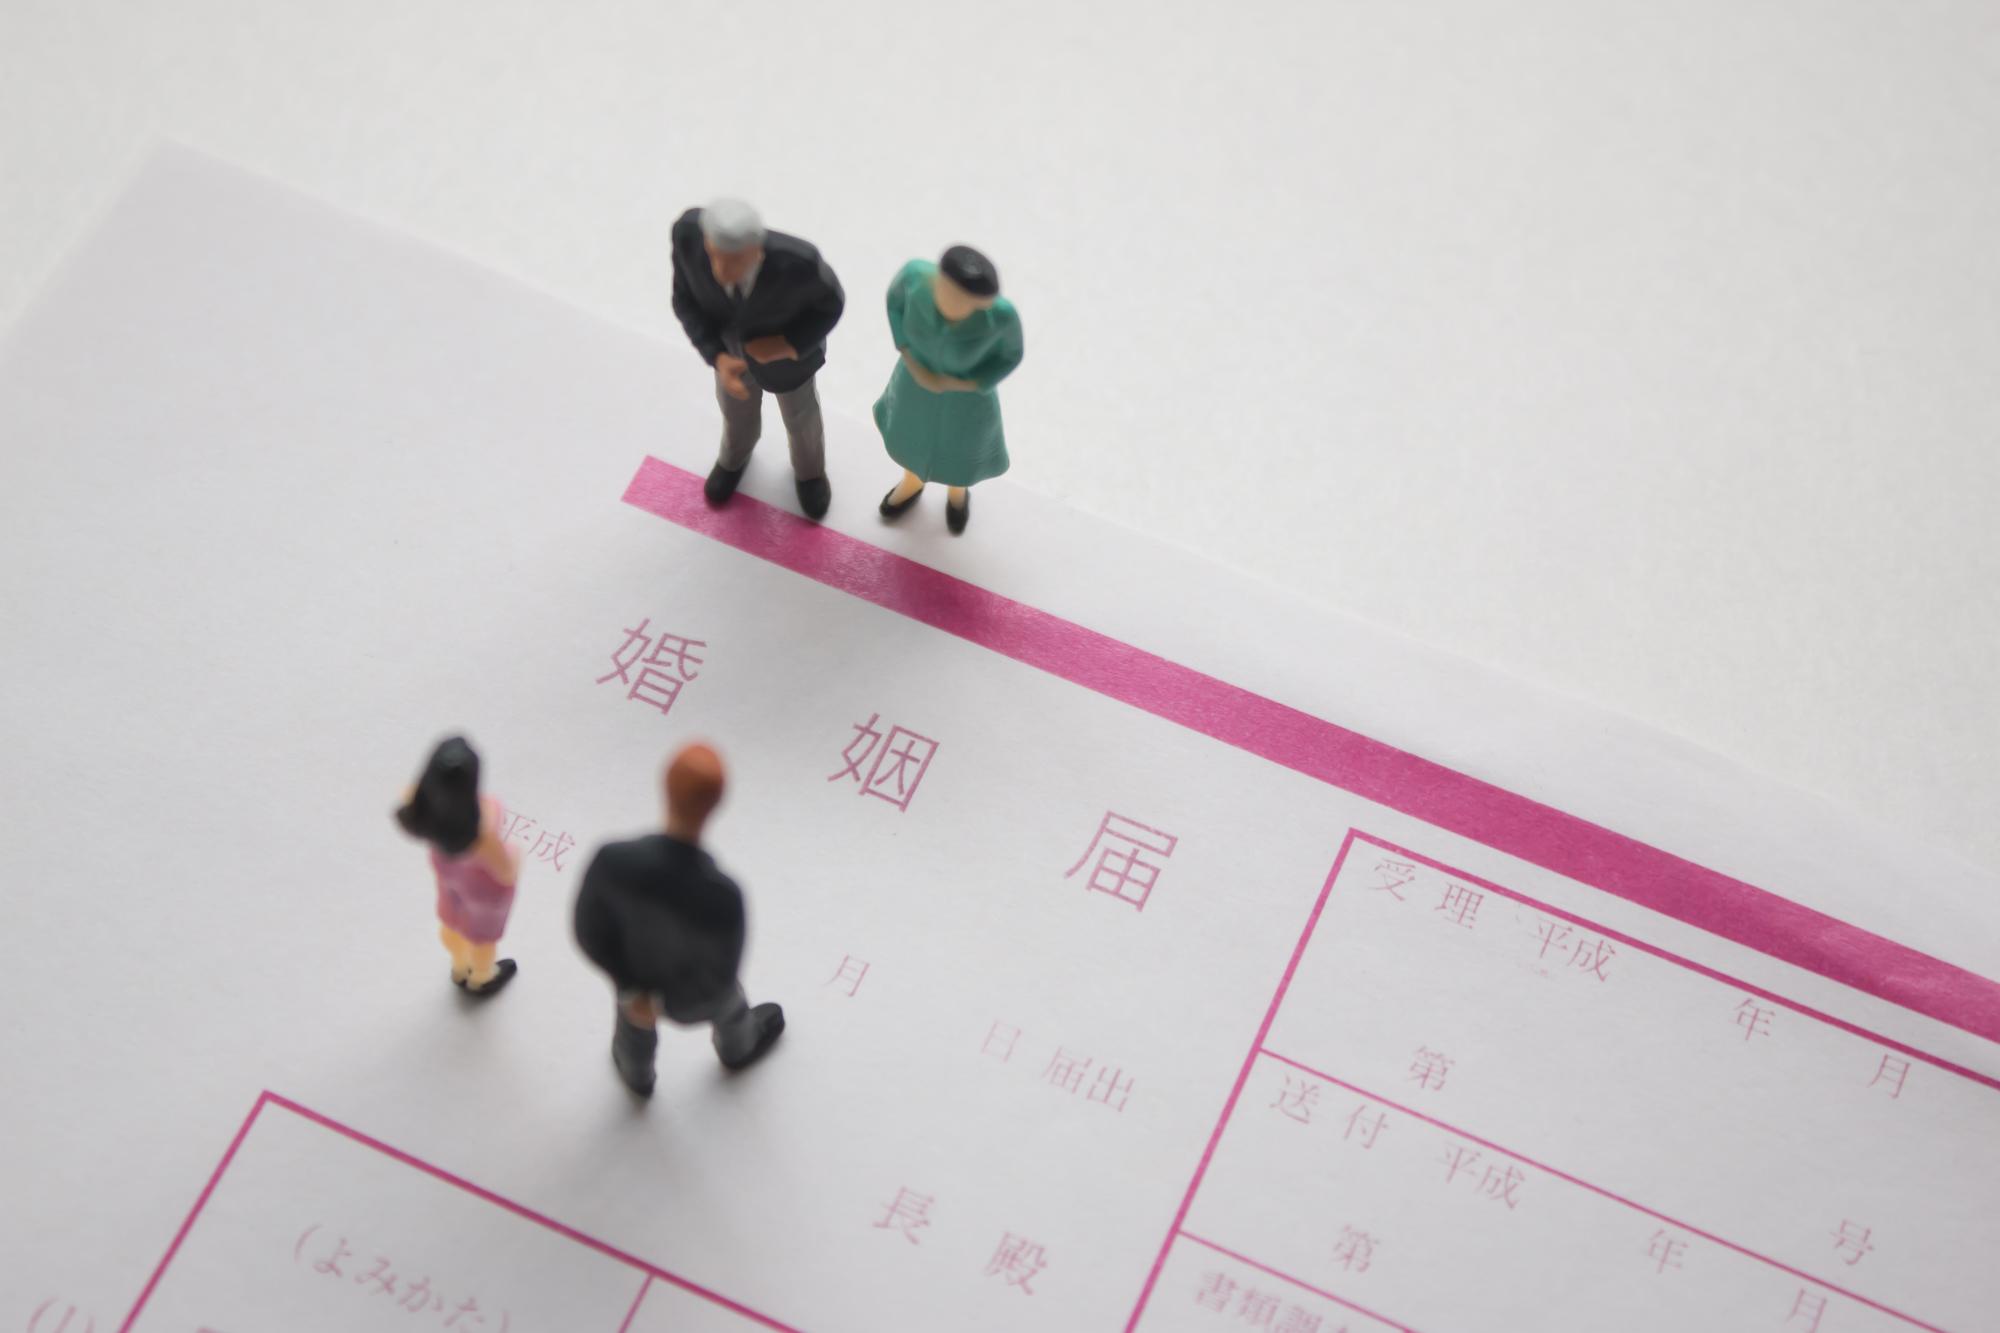 婚姻届と人のミニチュア人形